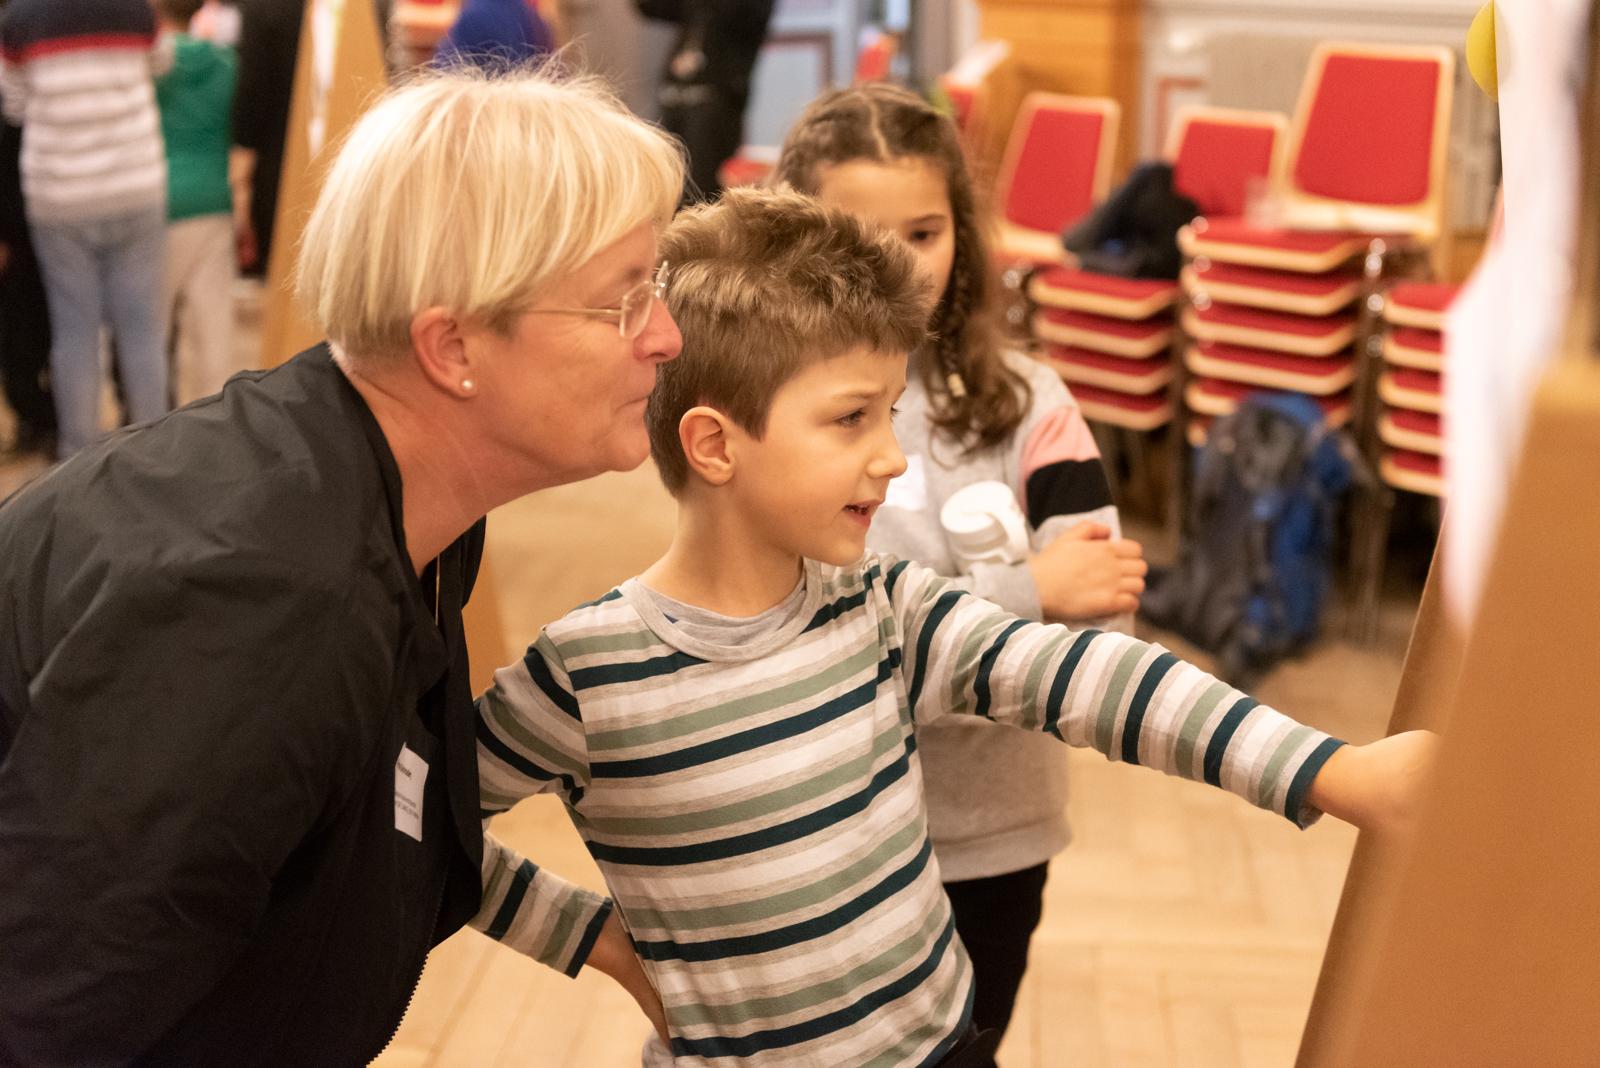 Zwei Kinder stehen mit ihrer Lehrerin vor einer Pinnwand und diskutieren über den Inhalt auf der Pinnwand. Ein Kind zeigt auf etwas. © Servicestelle Jugendbeteiligung e.V., 2020